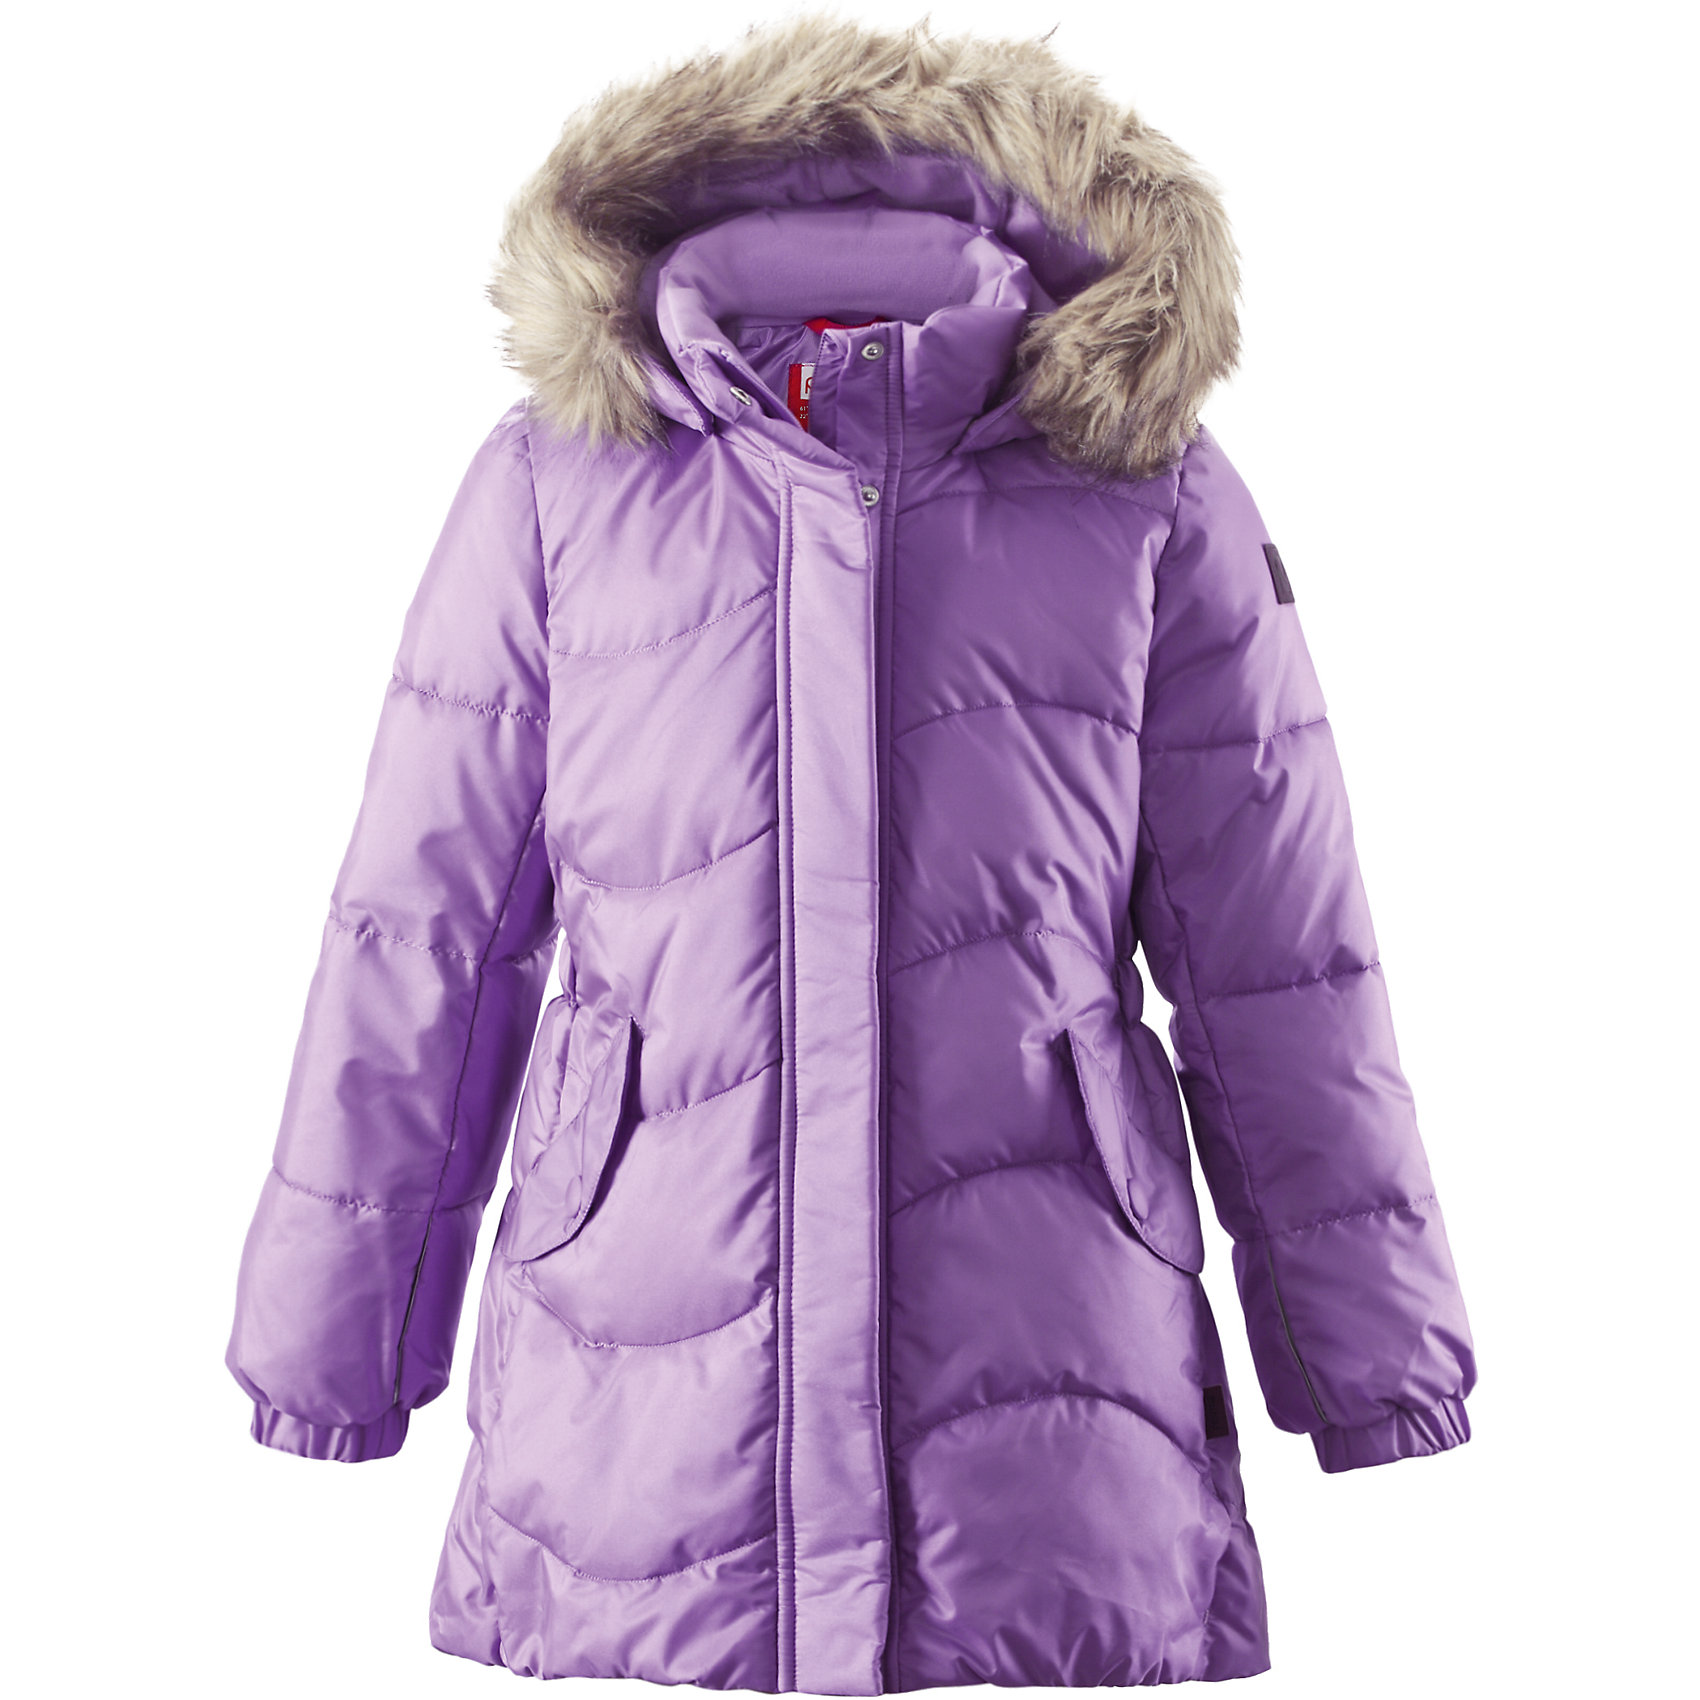 Пальто Sula для девочки ReimaОдежда<br>Пальто для девочки Reima<br>Зимняя куртка для подростков. Водоотталкивающий, ветронепроницаемый, «дышащий» и грязеотталкивающий материал. Крой для девочек. Гладкая подкладка из полиэстра. Имитация пуха. Безопасный съемный капюшон с отсоединяемой меховой каймой из искусственного меха. Эластичные манжеты. Эластичная талия. Два кармана с клапанами. Безопасные светоотражающие элементы. Петля для дополнительных светоотражающих деталей.<br>Утеплитель: Reima® Pearl insulation,170 g<br>Уход:<br>Стирать по отдельности, вывернув наизнанку. Перед стиркой отстегните искусственный мех. Застегнуть молнии и липучки. Стирать моющим средством, не содержащим отбеливающие вещества. Полоскать без специального средства. Во избежание изменения цвета изделие необходимо вынуть из стиральной машинки незамедлительно после окончания программы стирки. Сушить при низкой температуре.<br>Состав:<br>65% Полиамид, 35% Полиэстер, полиуретановое покрытие<br><br>Ширина мм: 356<br>Глубина мм: 10<br>Высота мм: 245<br>Вес г: 519<br>Цвет: фиолетовый<br>Возраст от месяцев: 84<br>Возраст до месяцев: 96<br>Пол: Женский<br>Возраст: Детский<br>Размер: 134,122,116,164,158,110,104,146,140,152,128<br>SKU: 4778291